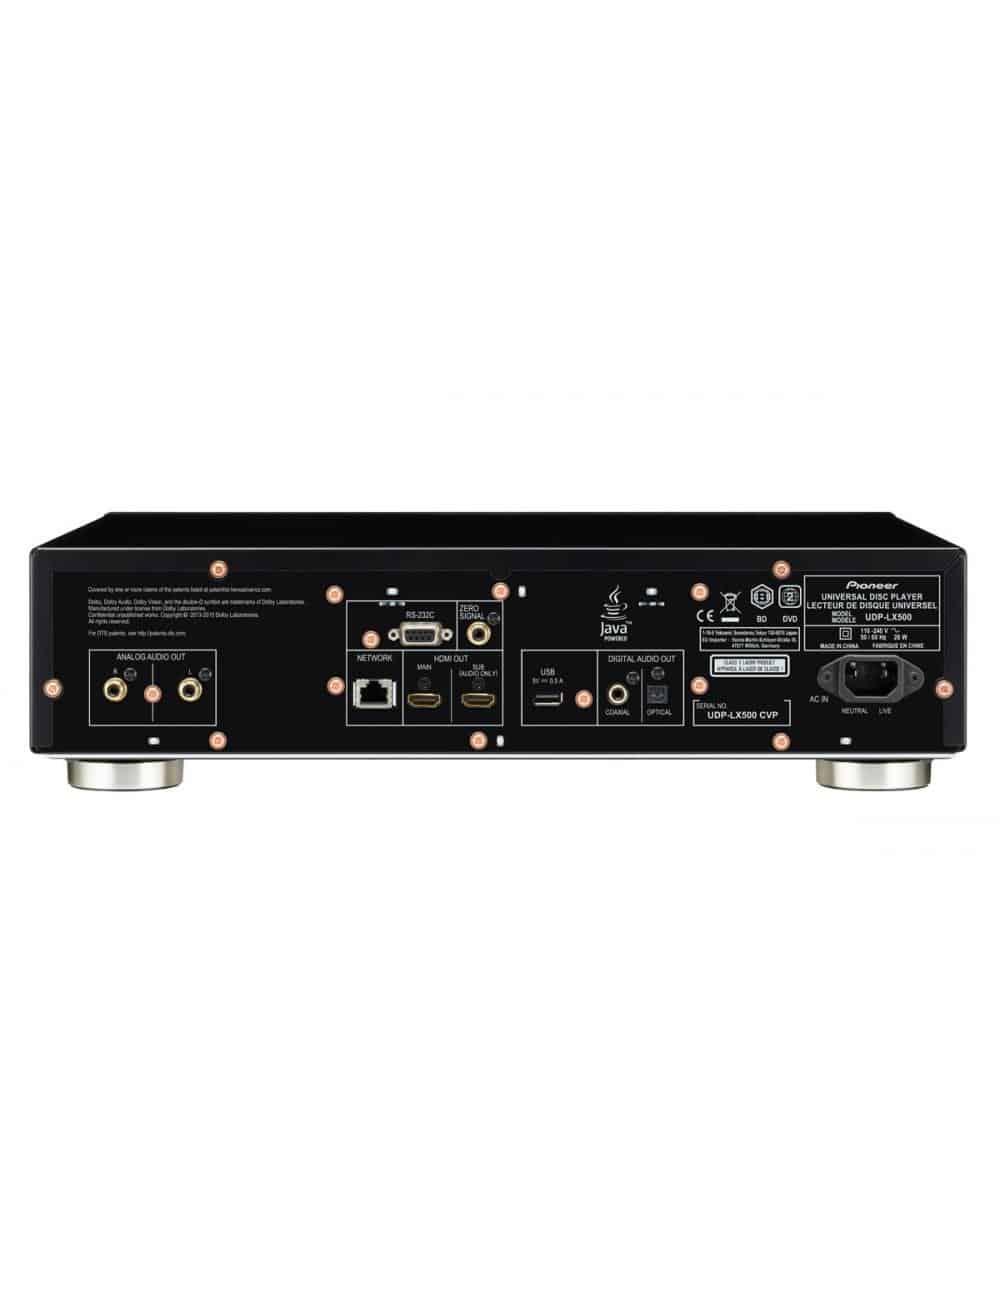 lettore universale di dischi UHD BD, BD, DVD e CD per HiFi ed Home Cinema, Pioneer UDP-LX500, vista pannello connessioni